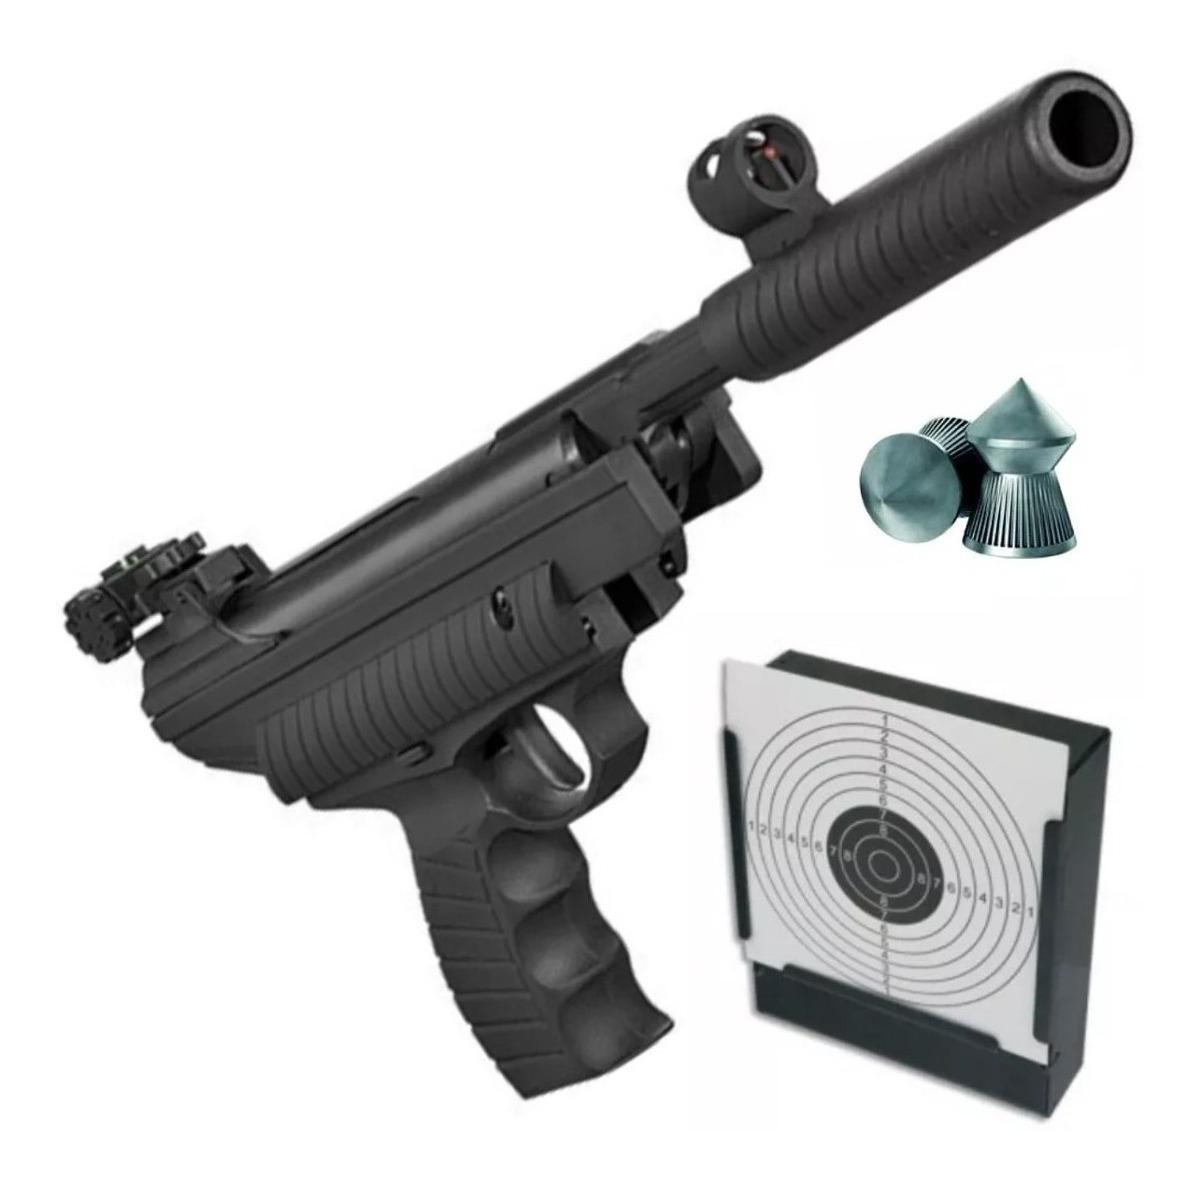 Pistola Aire Comprimido Hatsan 25 Potenciada 4 5 5 5 Mm Swat